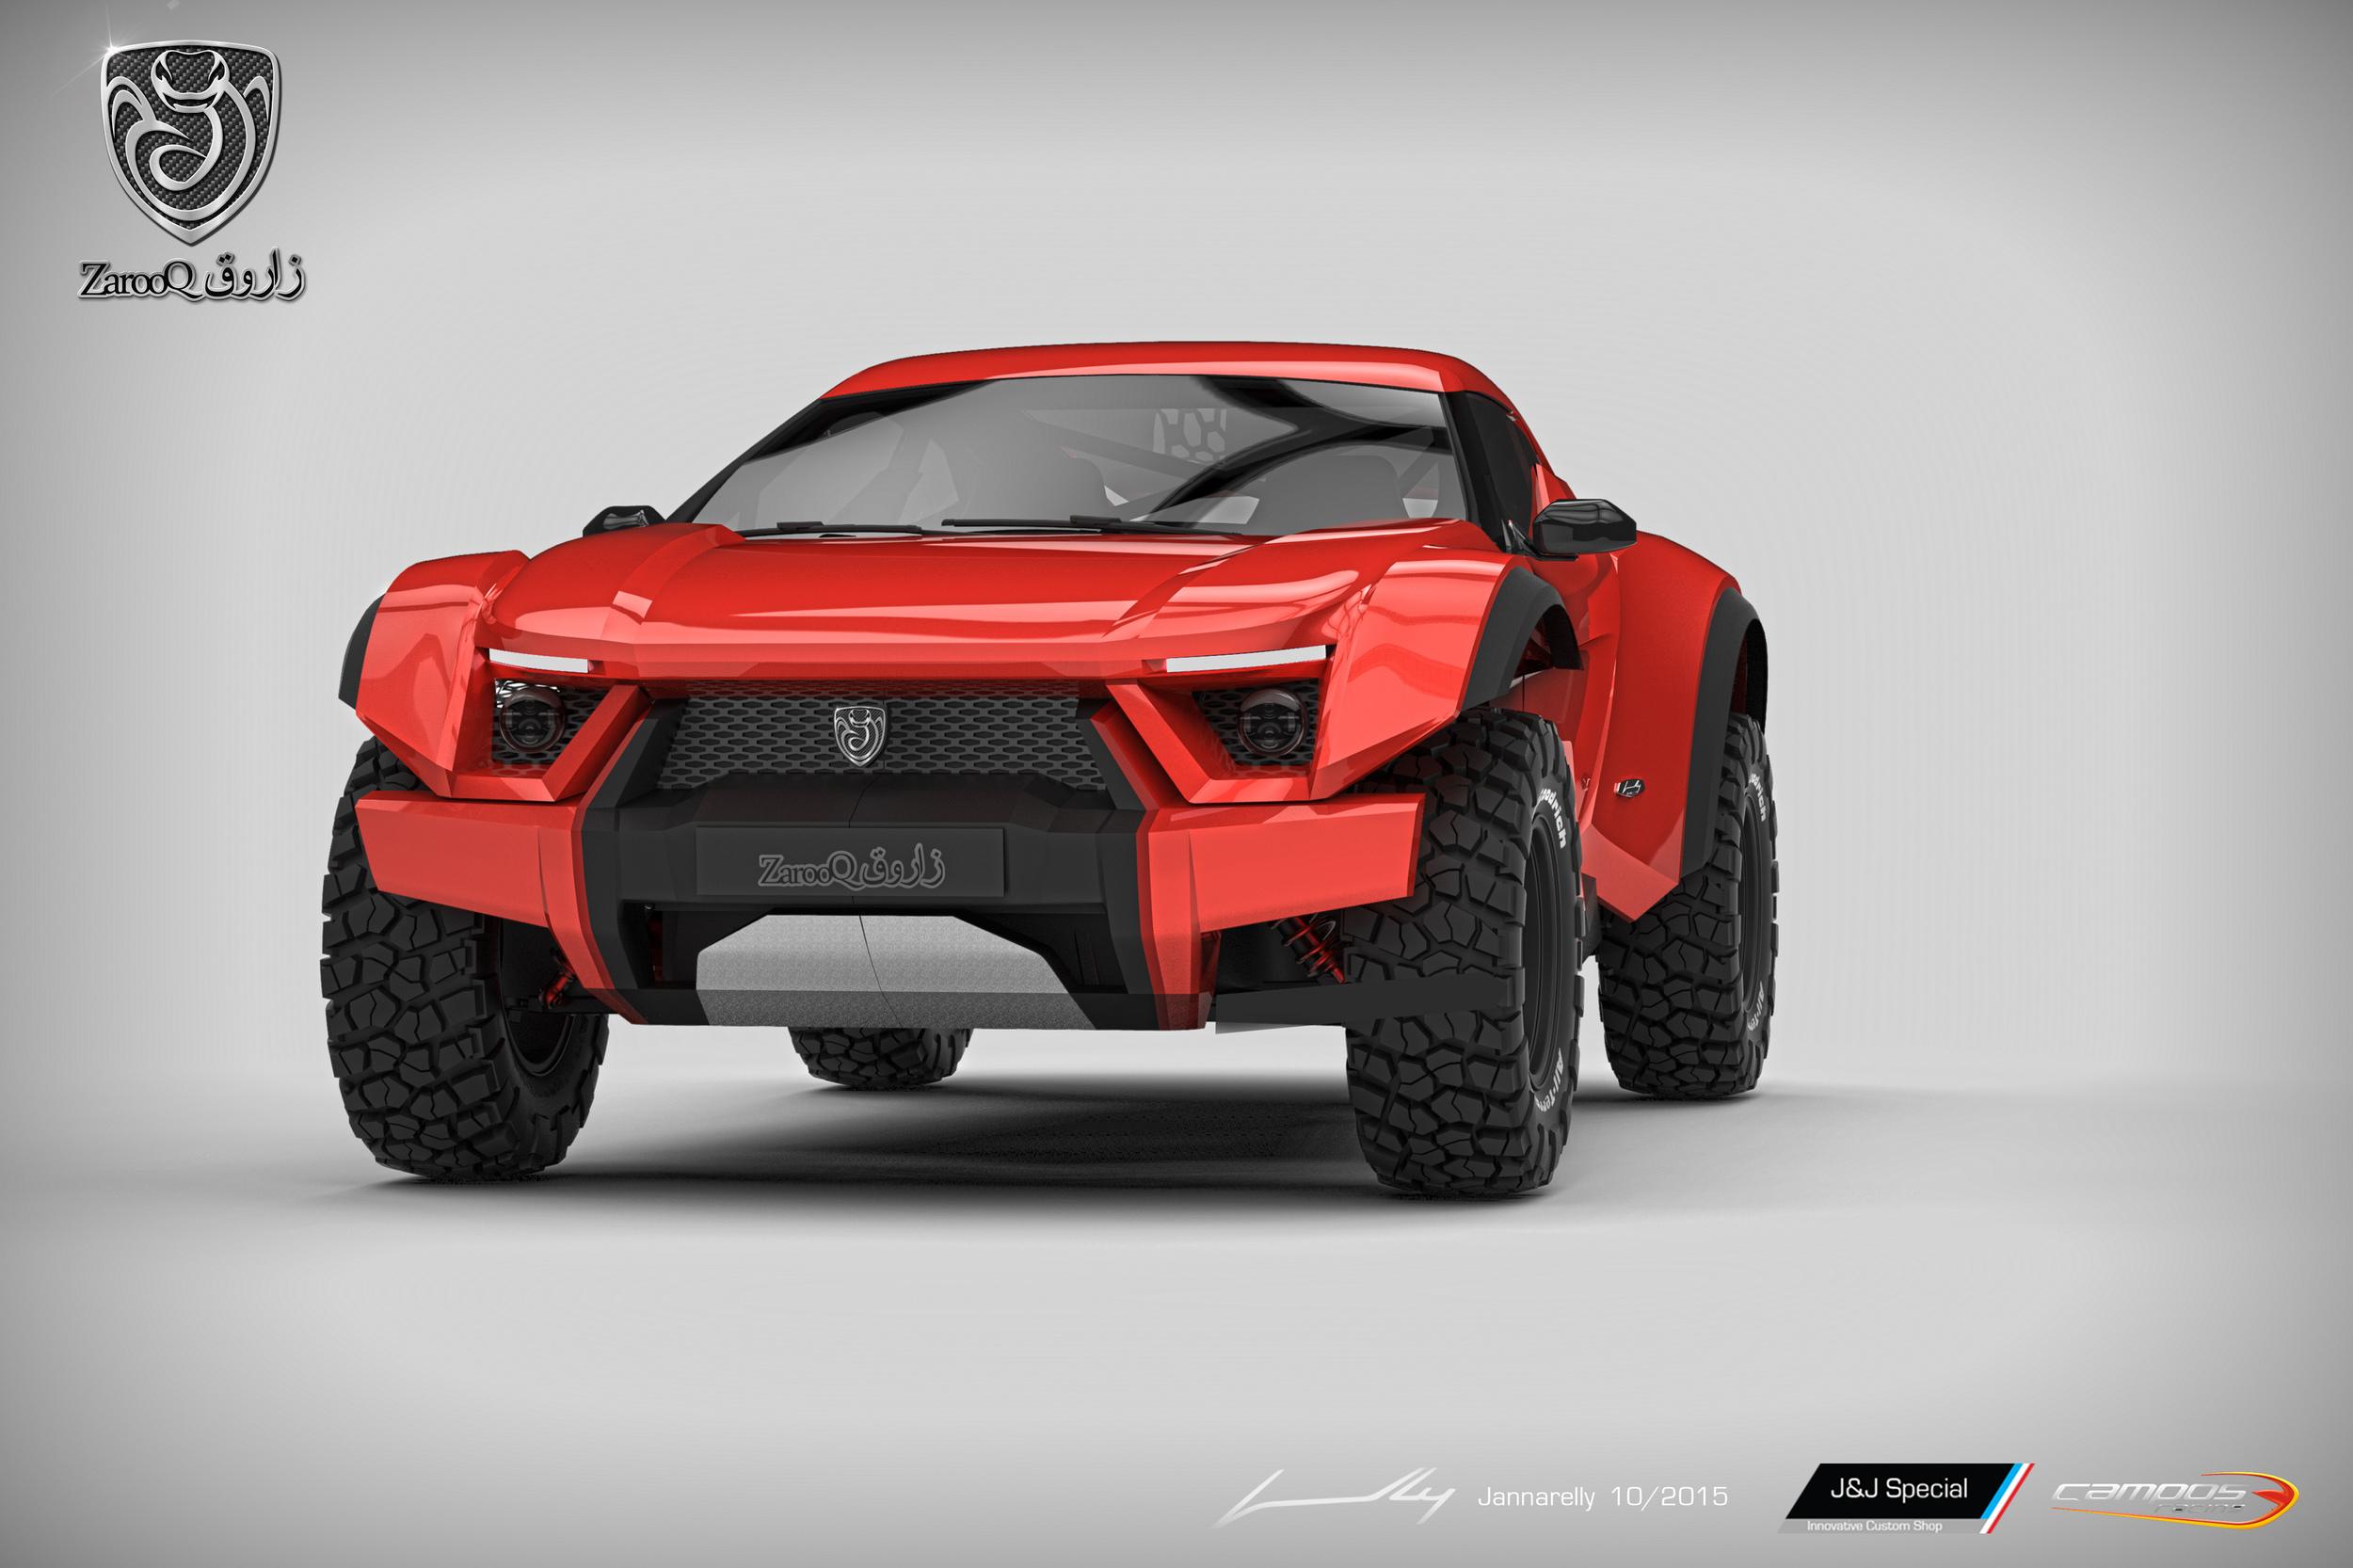 Zarooq SandRacer New Desert King 7